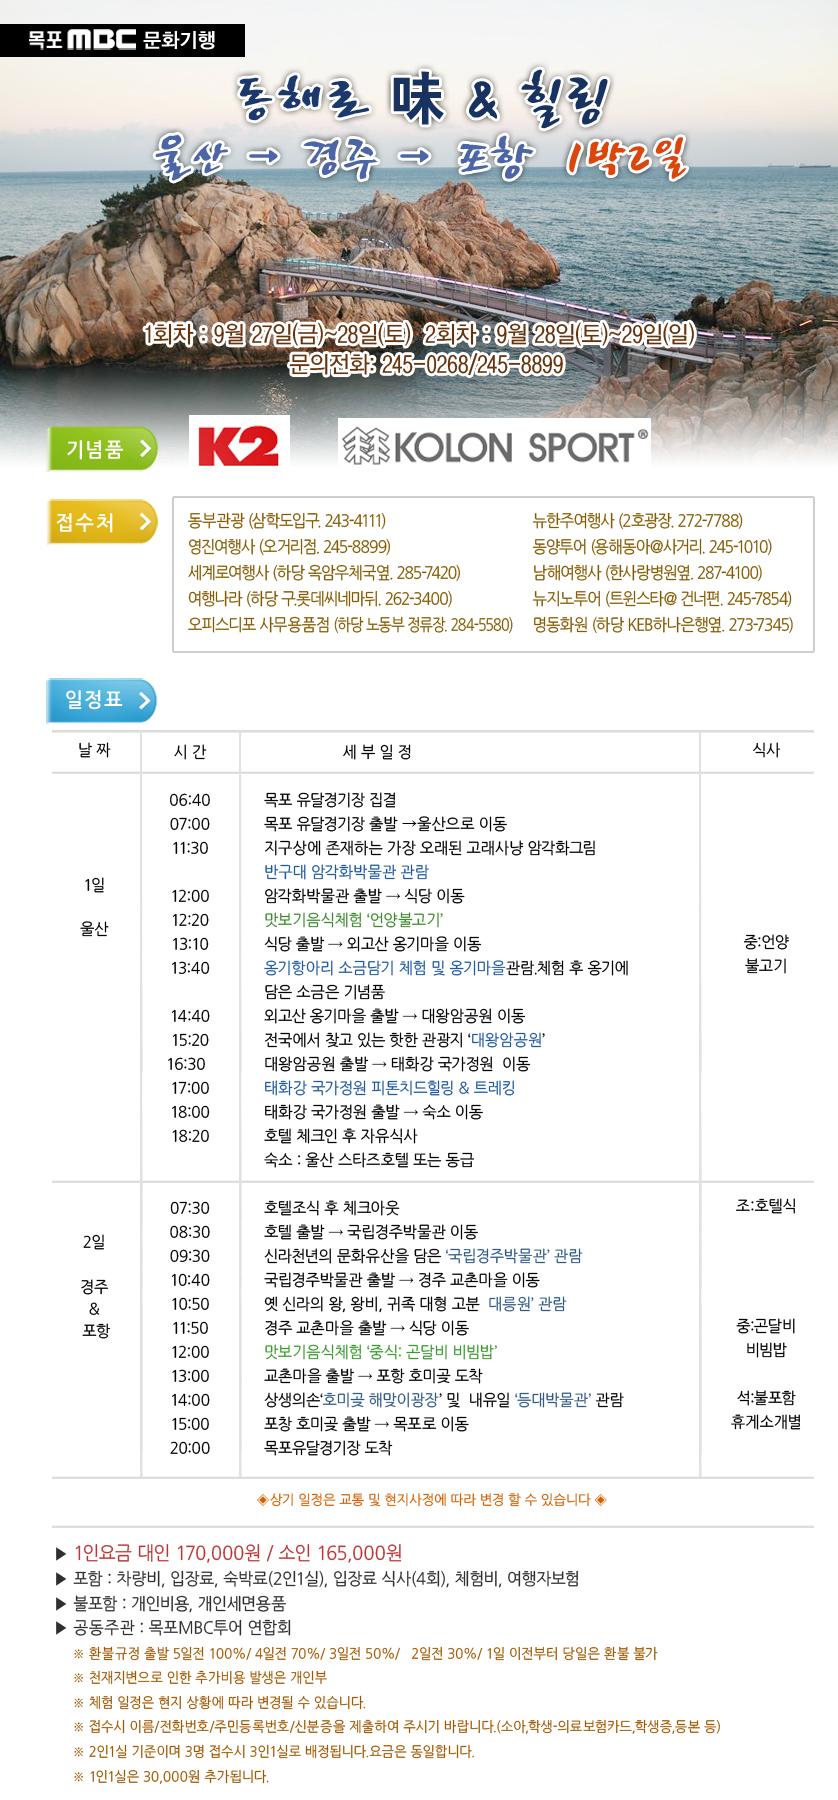 동해로 味&힐링 울산>경주>포항(1박2일) 행사정보